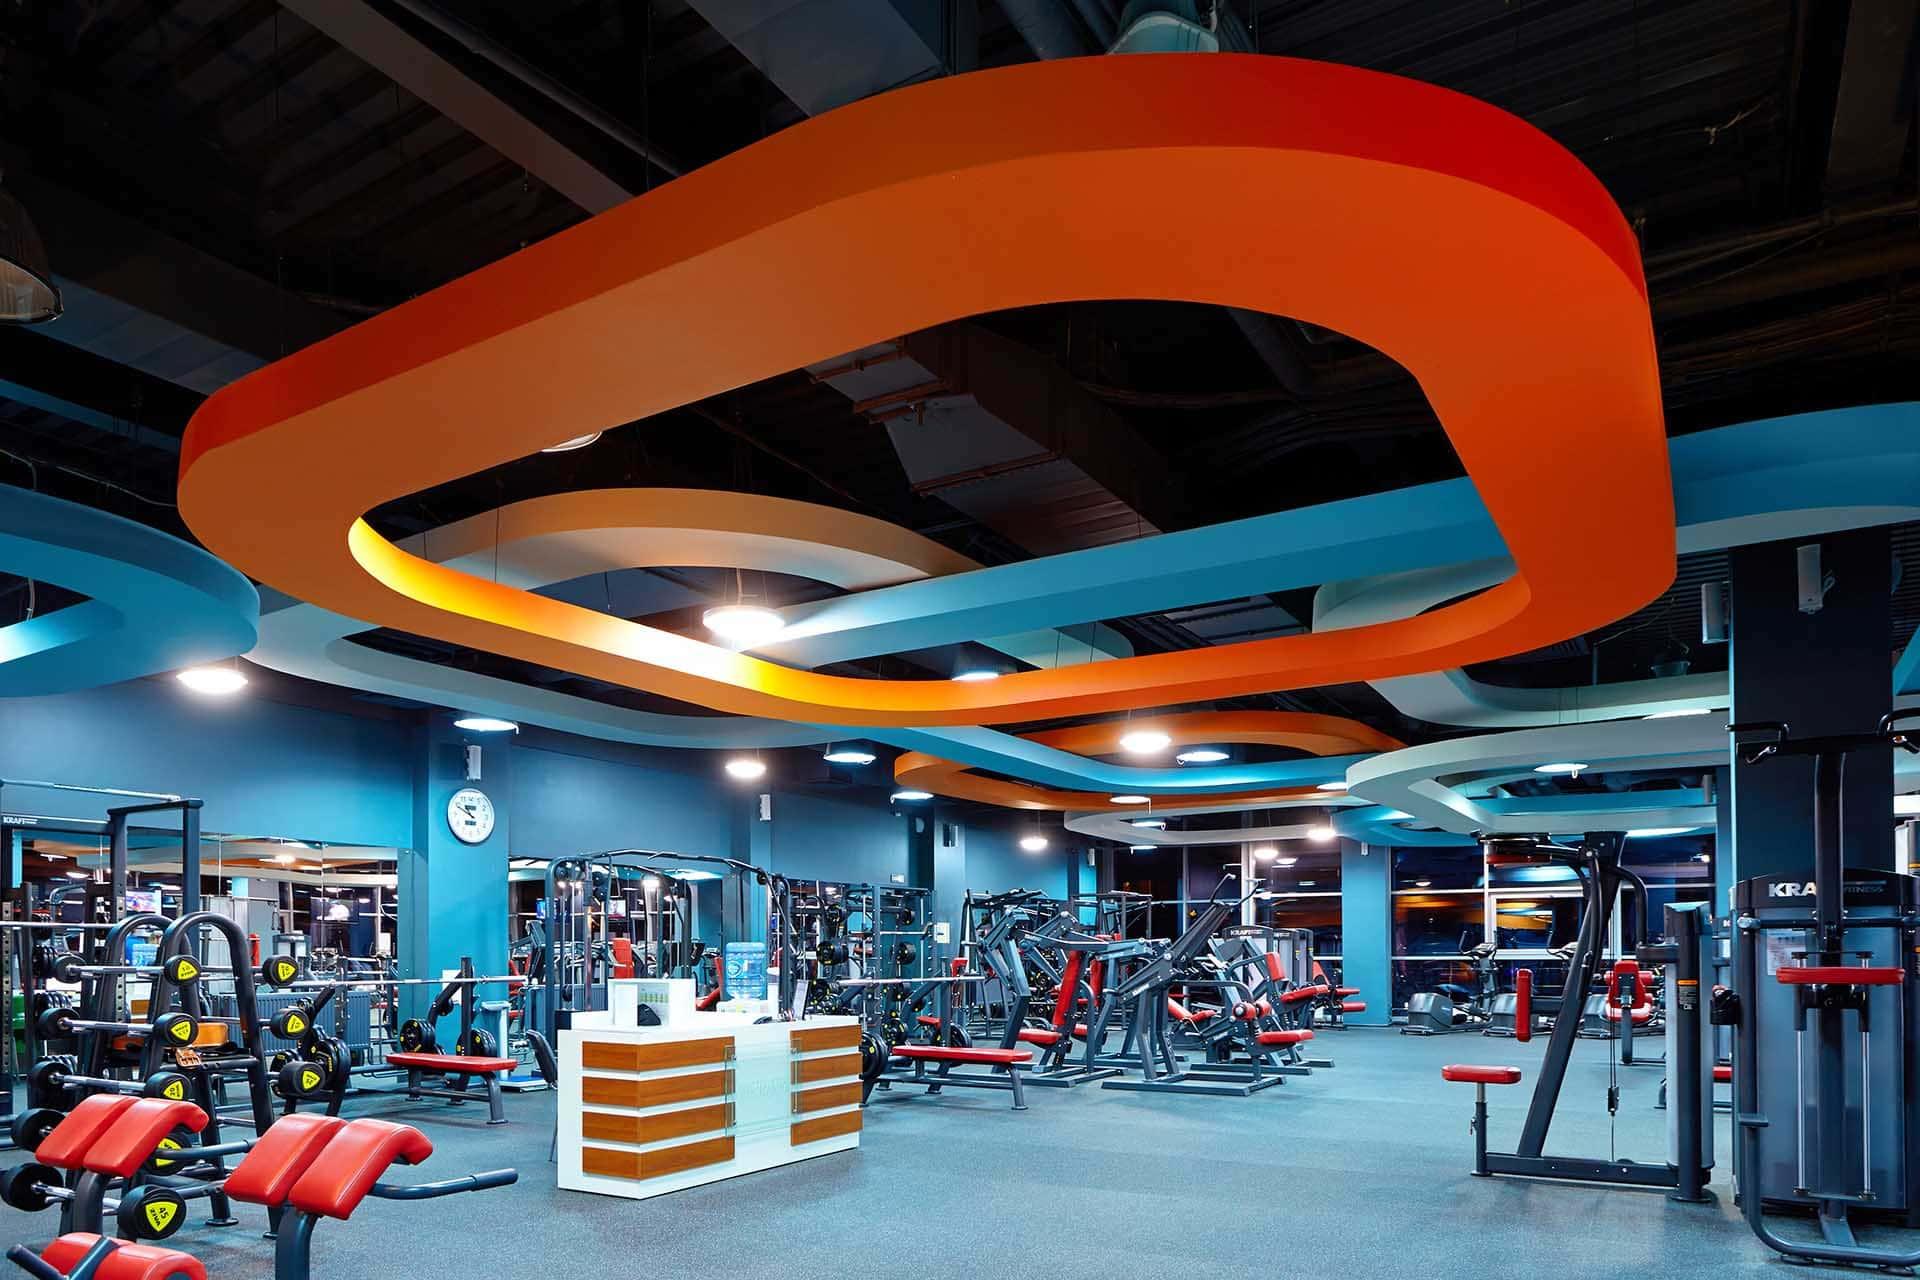 Интерьер фитнес-клуба Санта-Моника